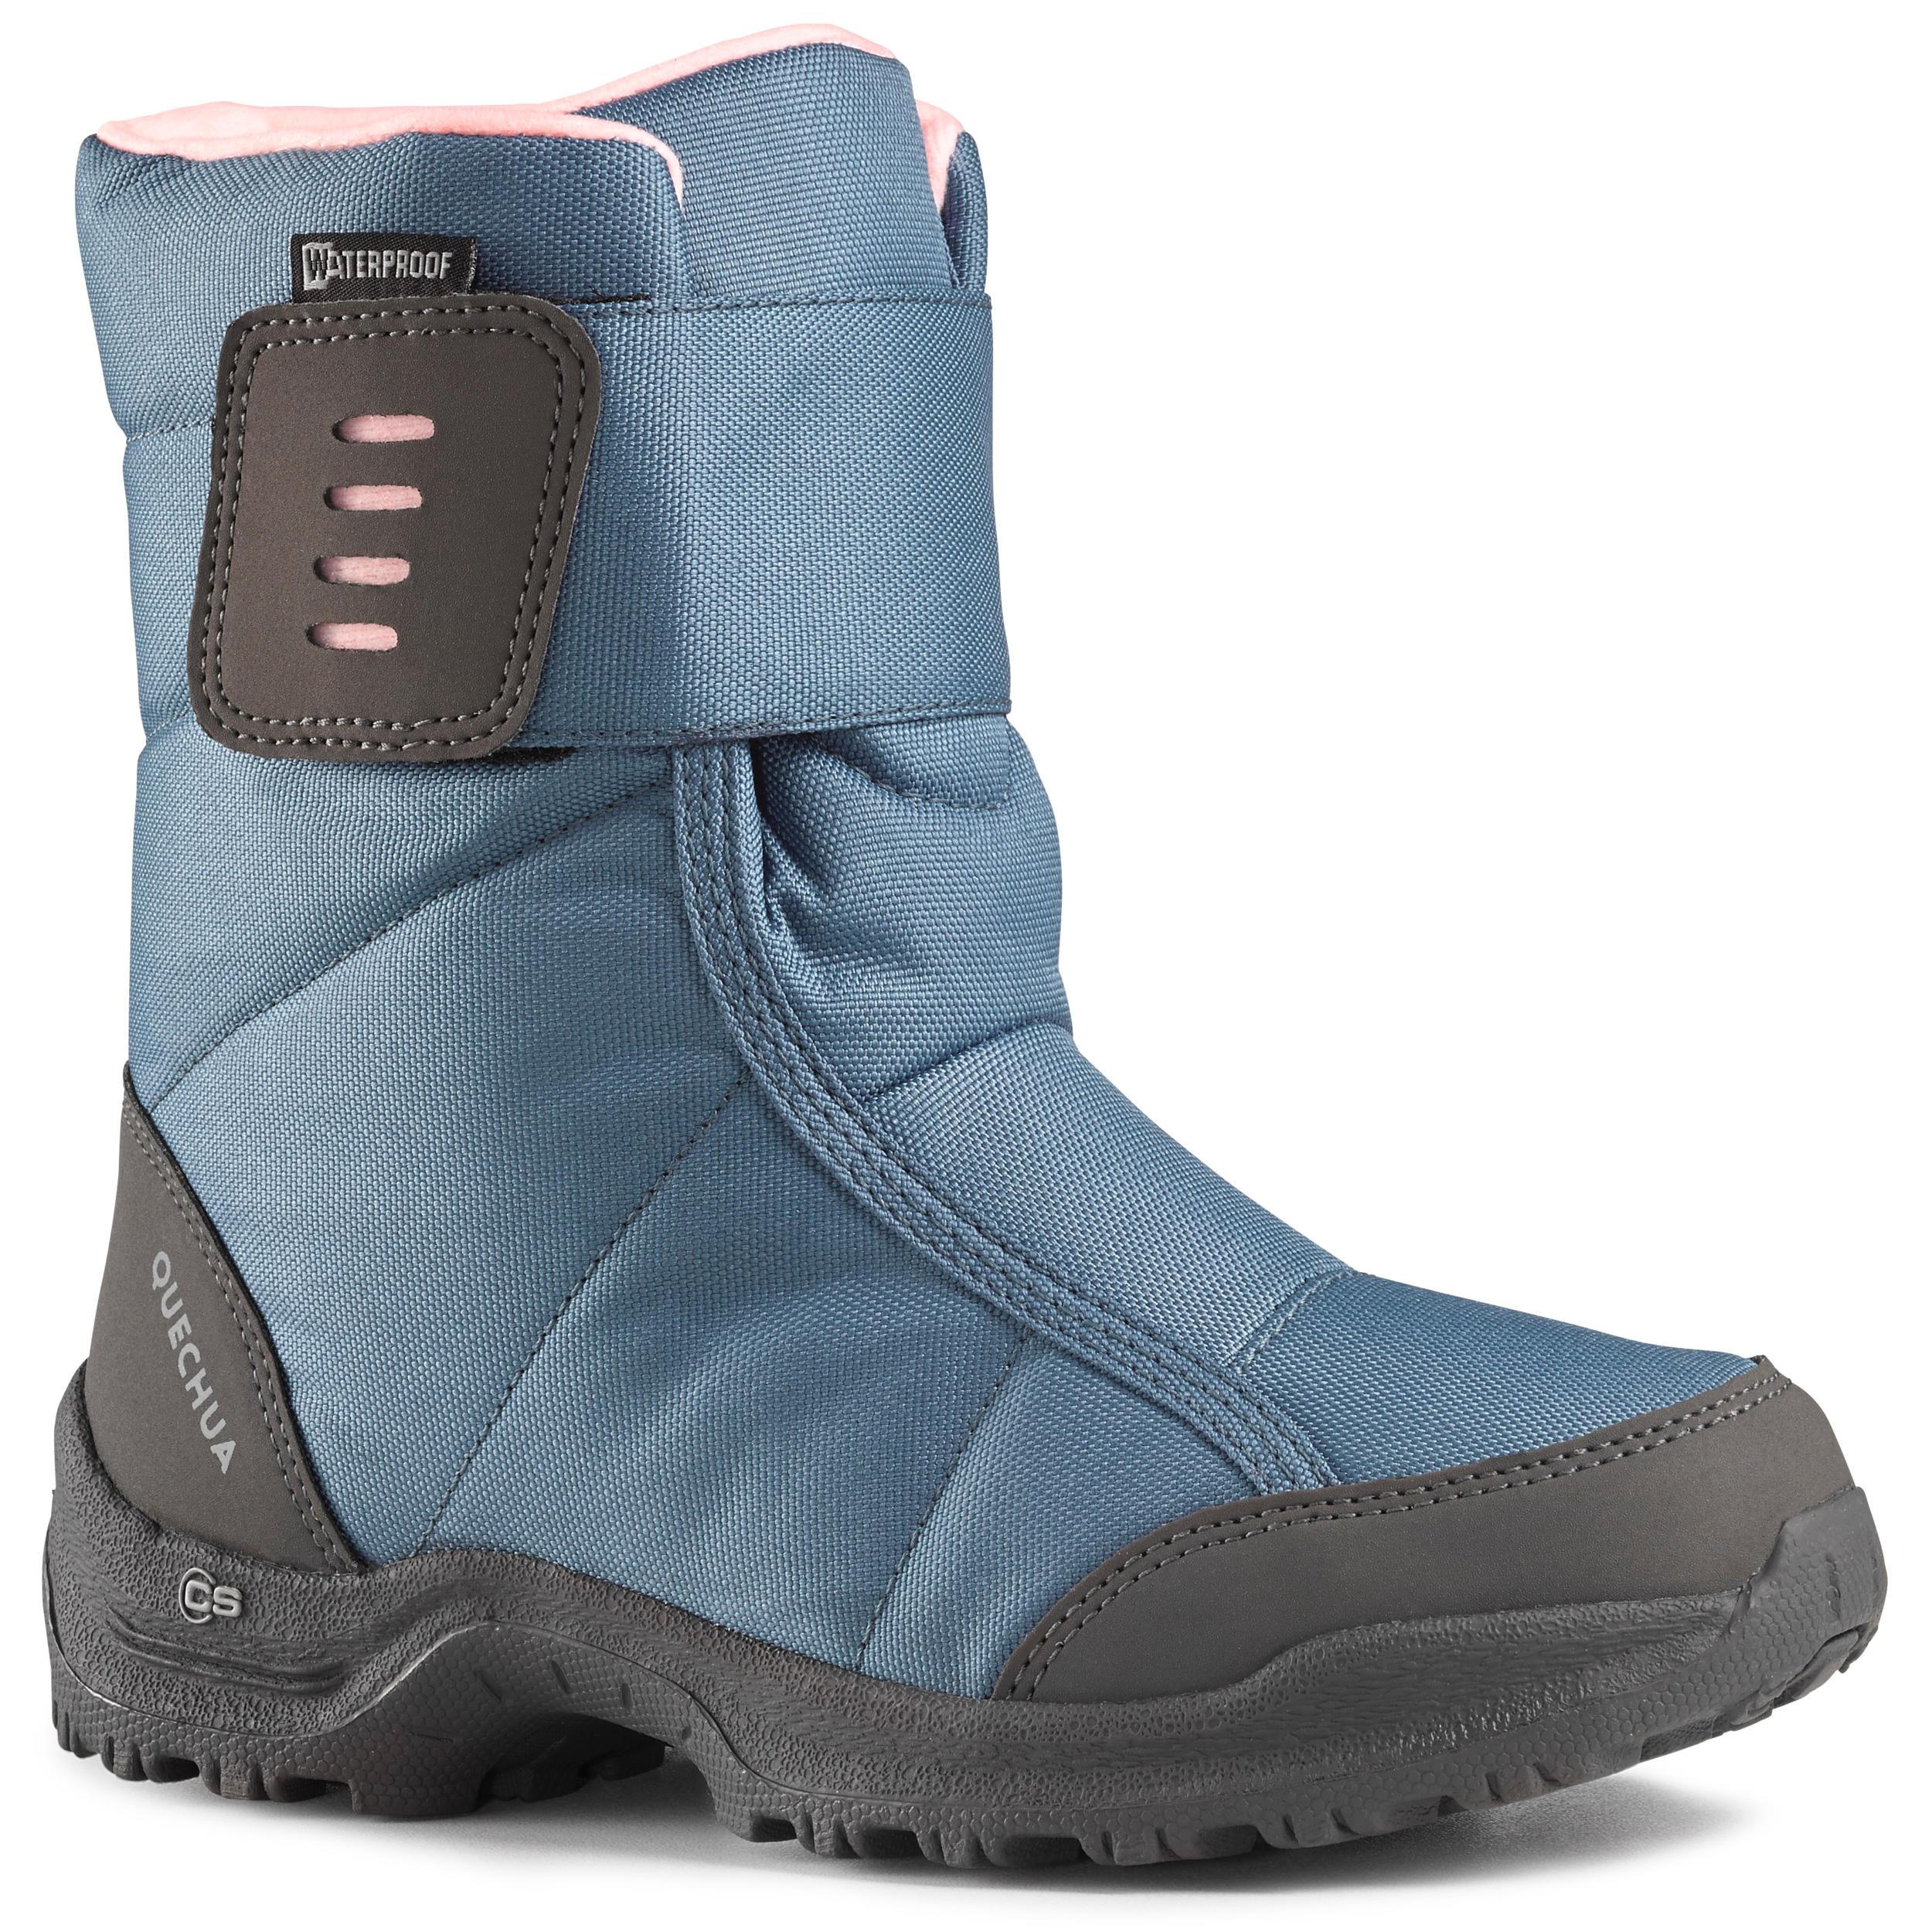 SH100 X-Warm JR Snow Hiking Boots